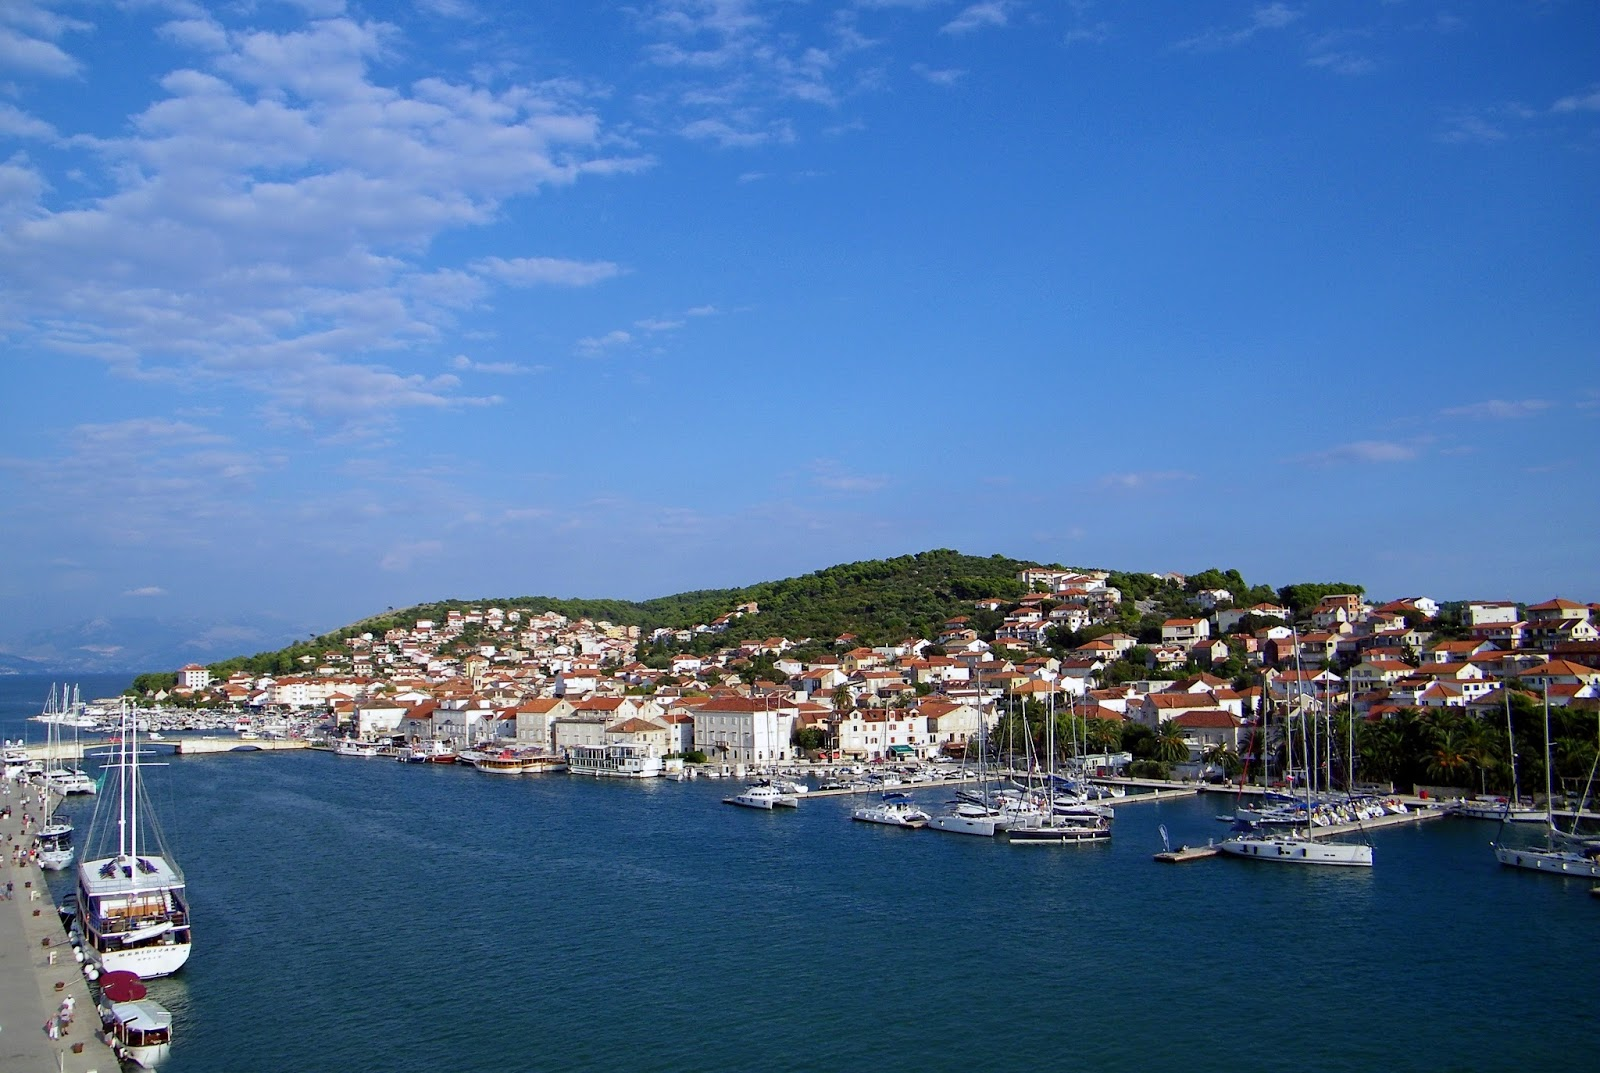 Trogir - Panorama miasta - Port - Otok Ciovo